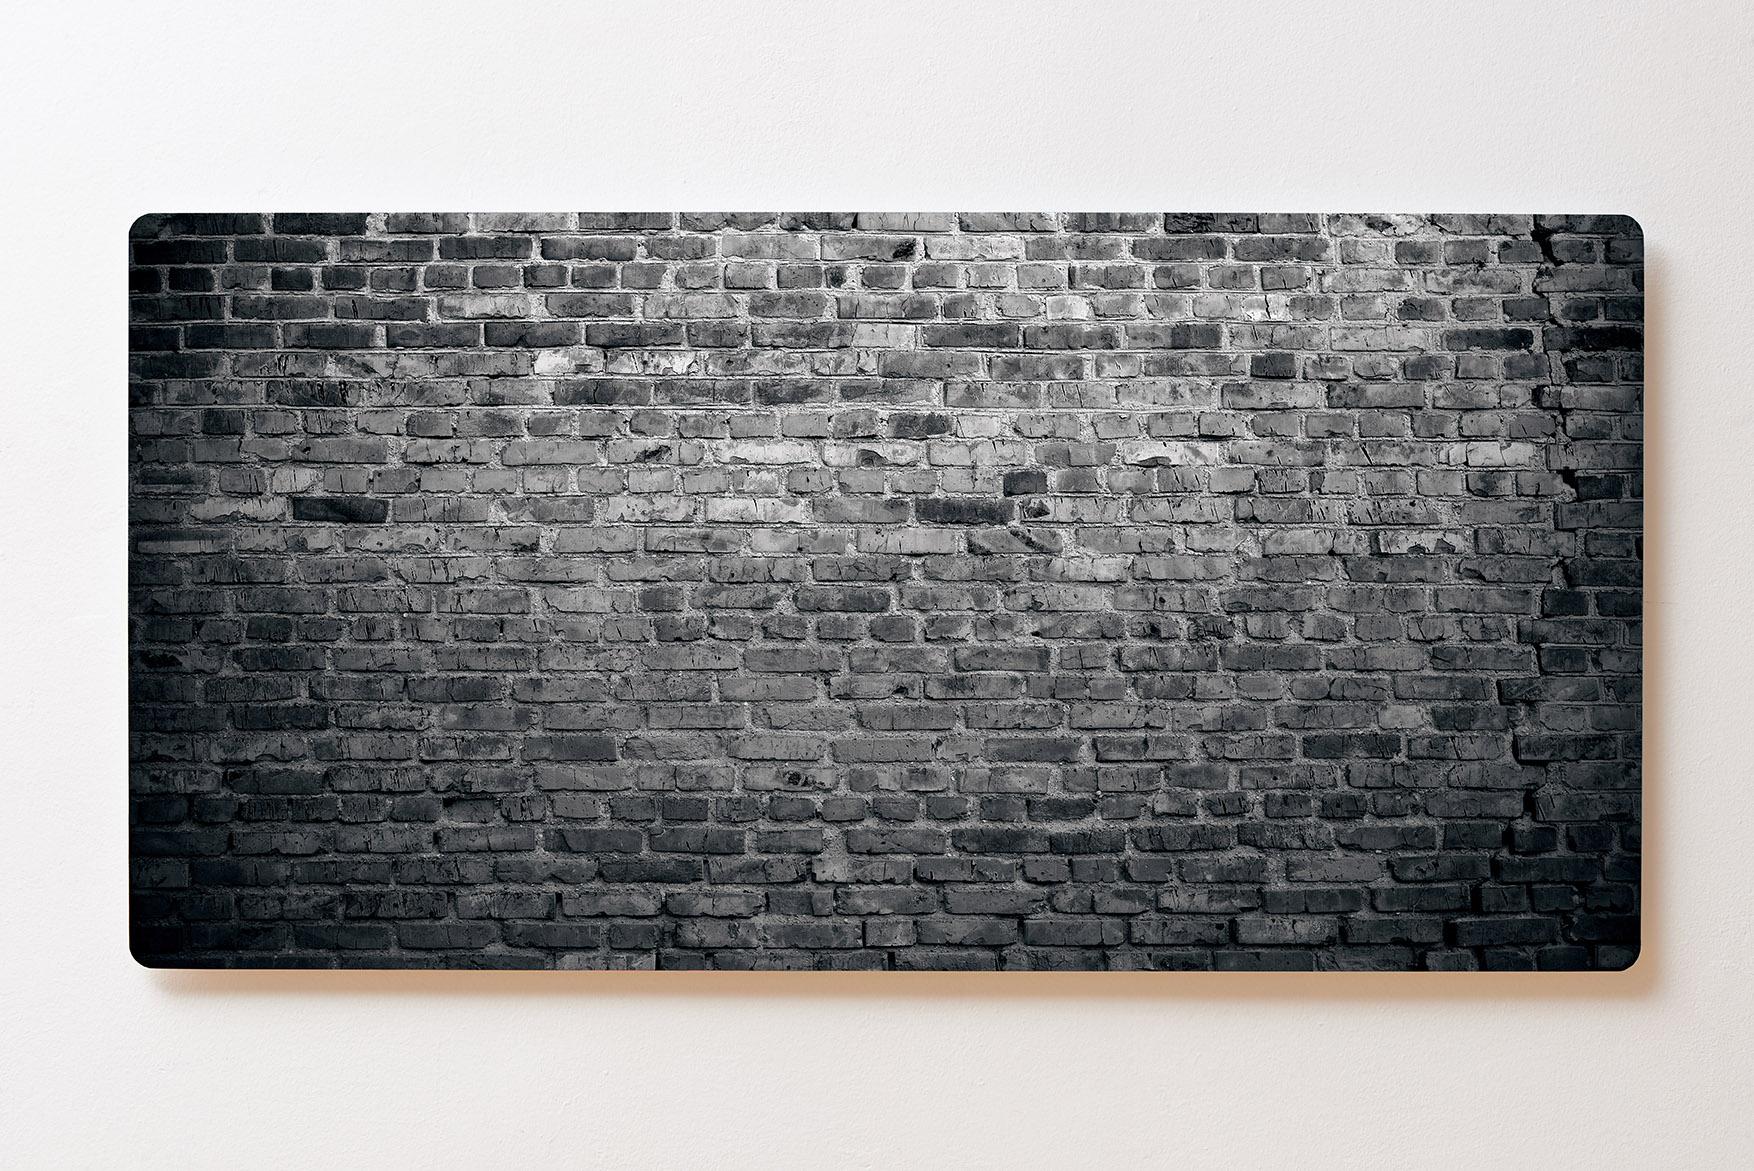 Magnettafel BACKLIGHT 120x60cm Motiv-Wandbild M129 Häuserwand Schwarz